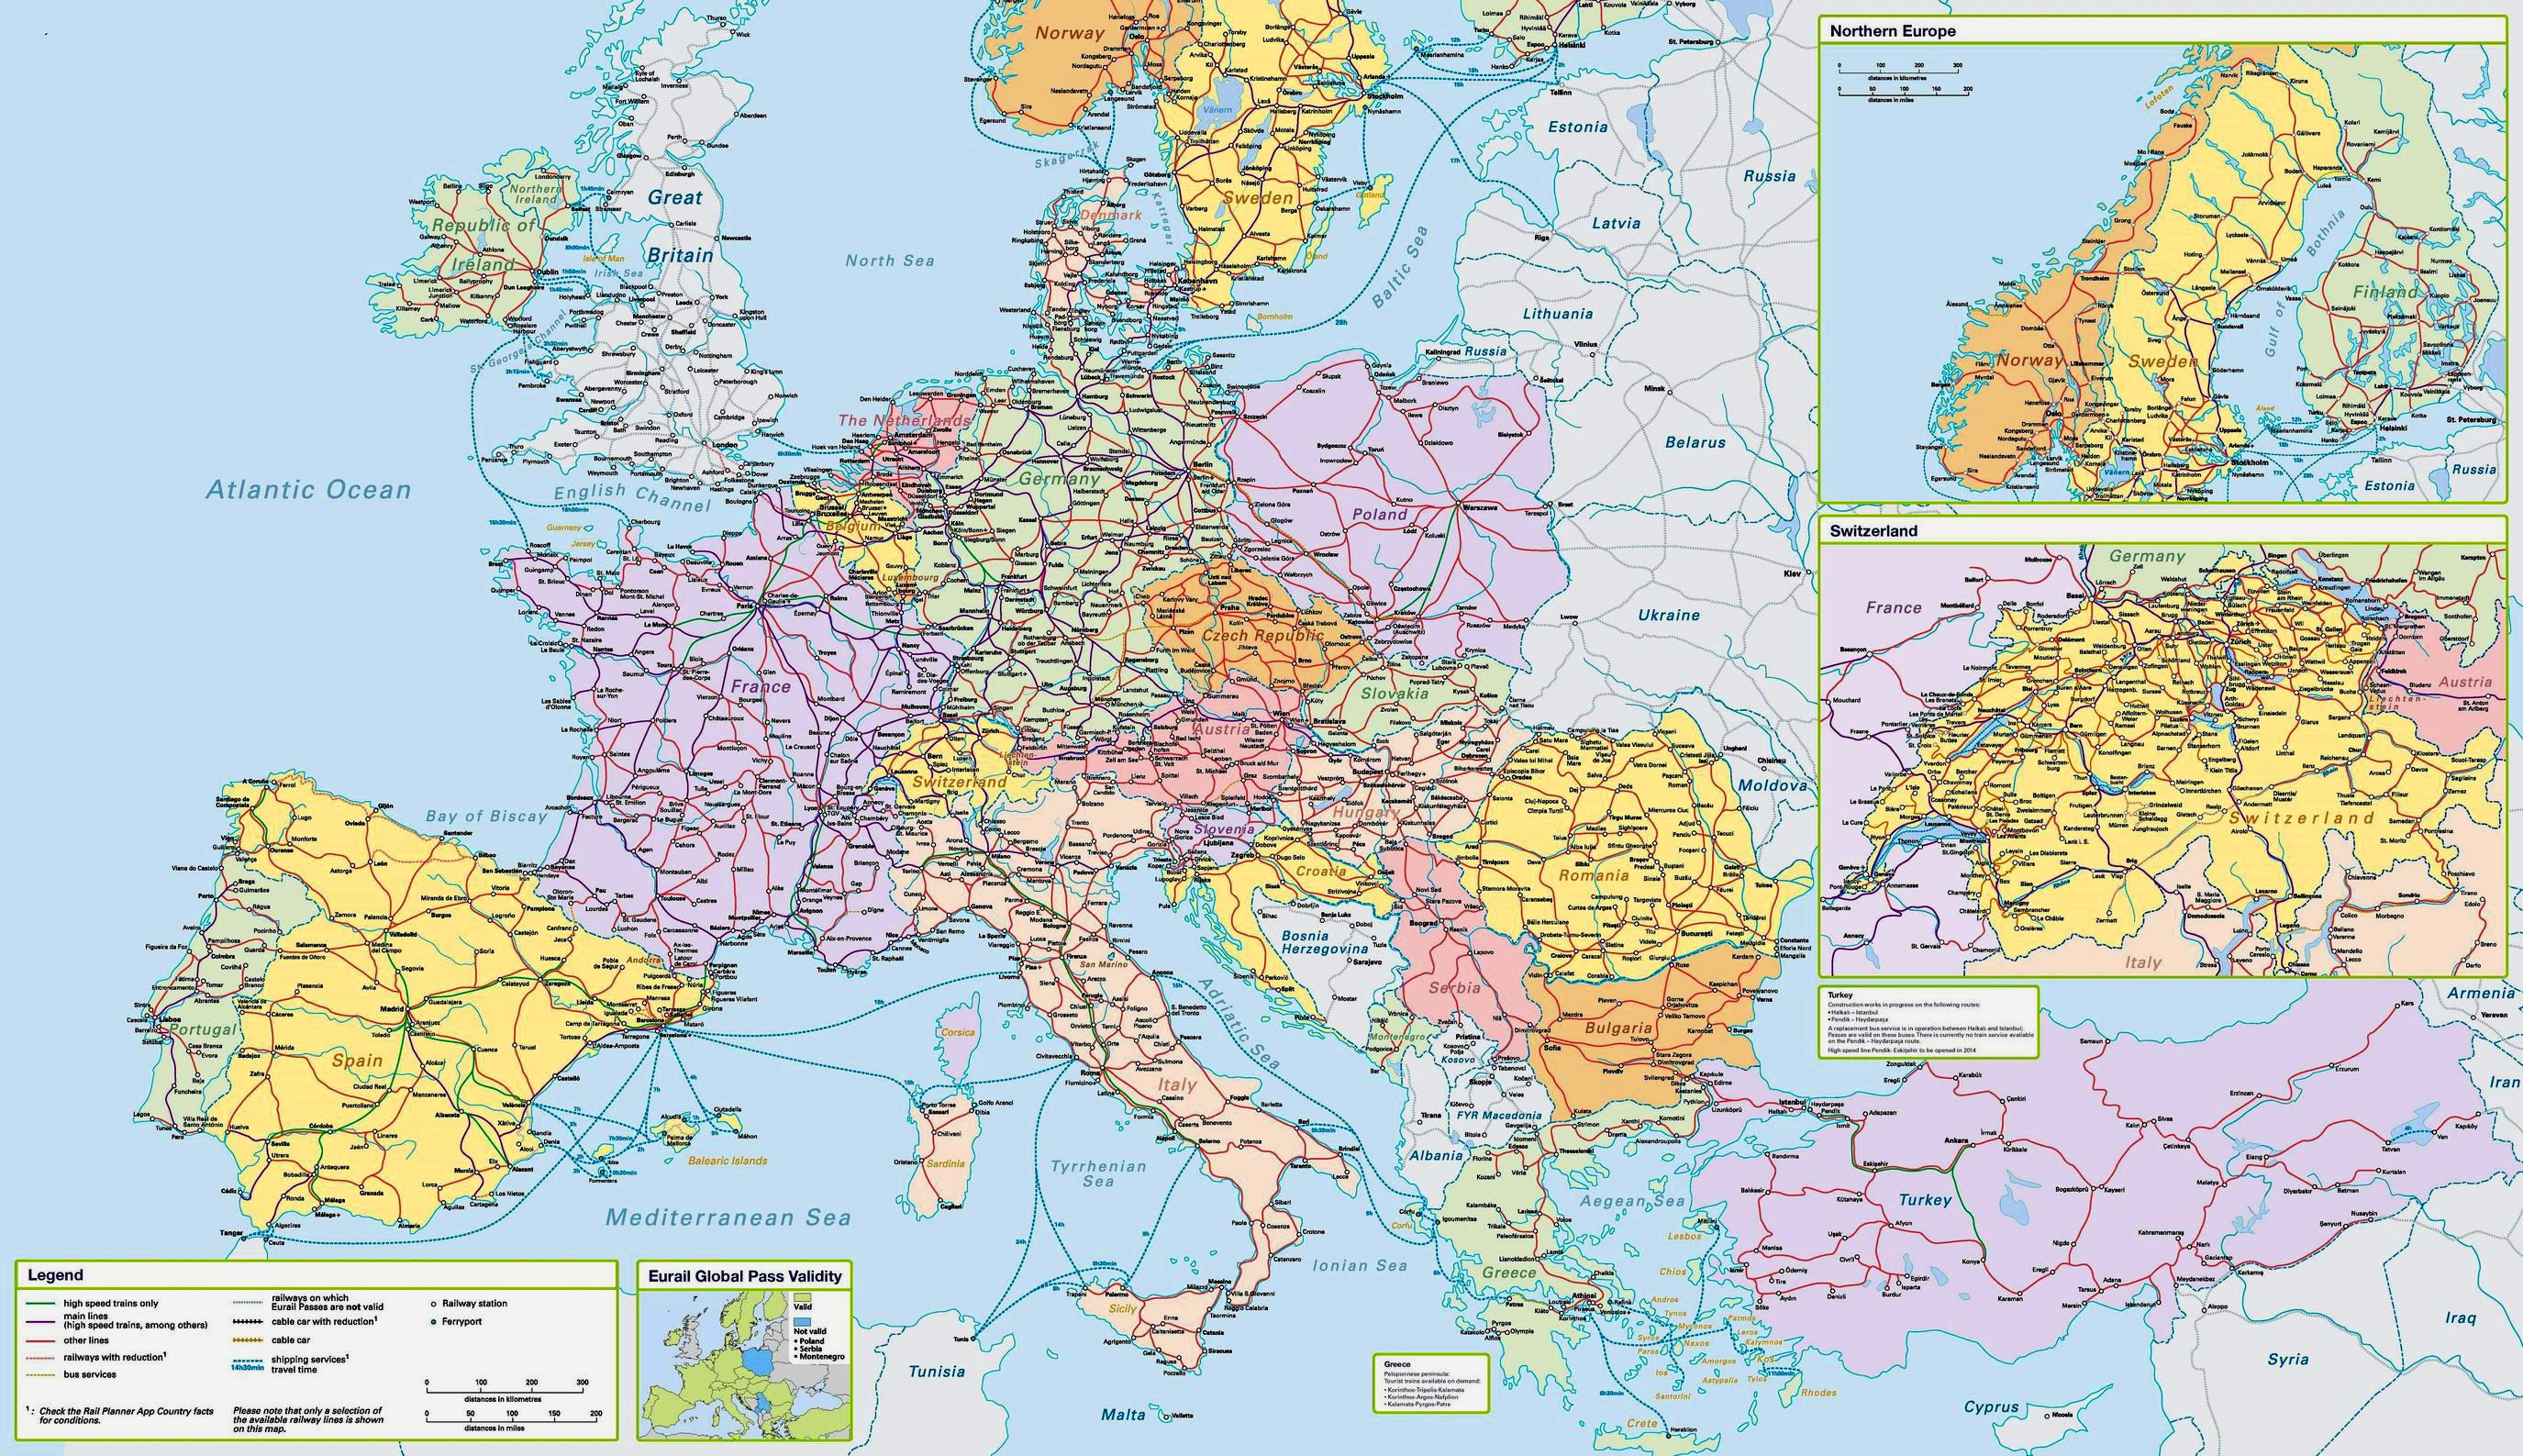 скачать карту европы бесплатно для навител